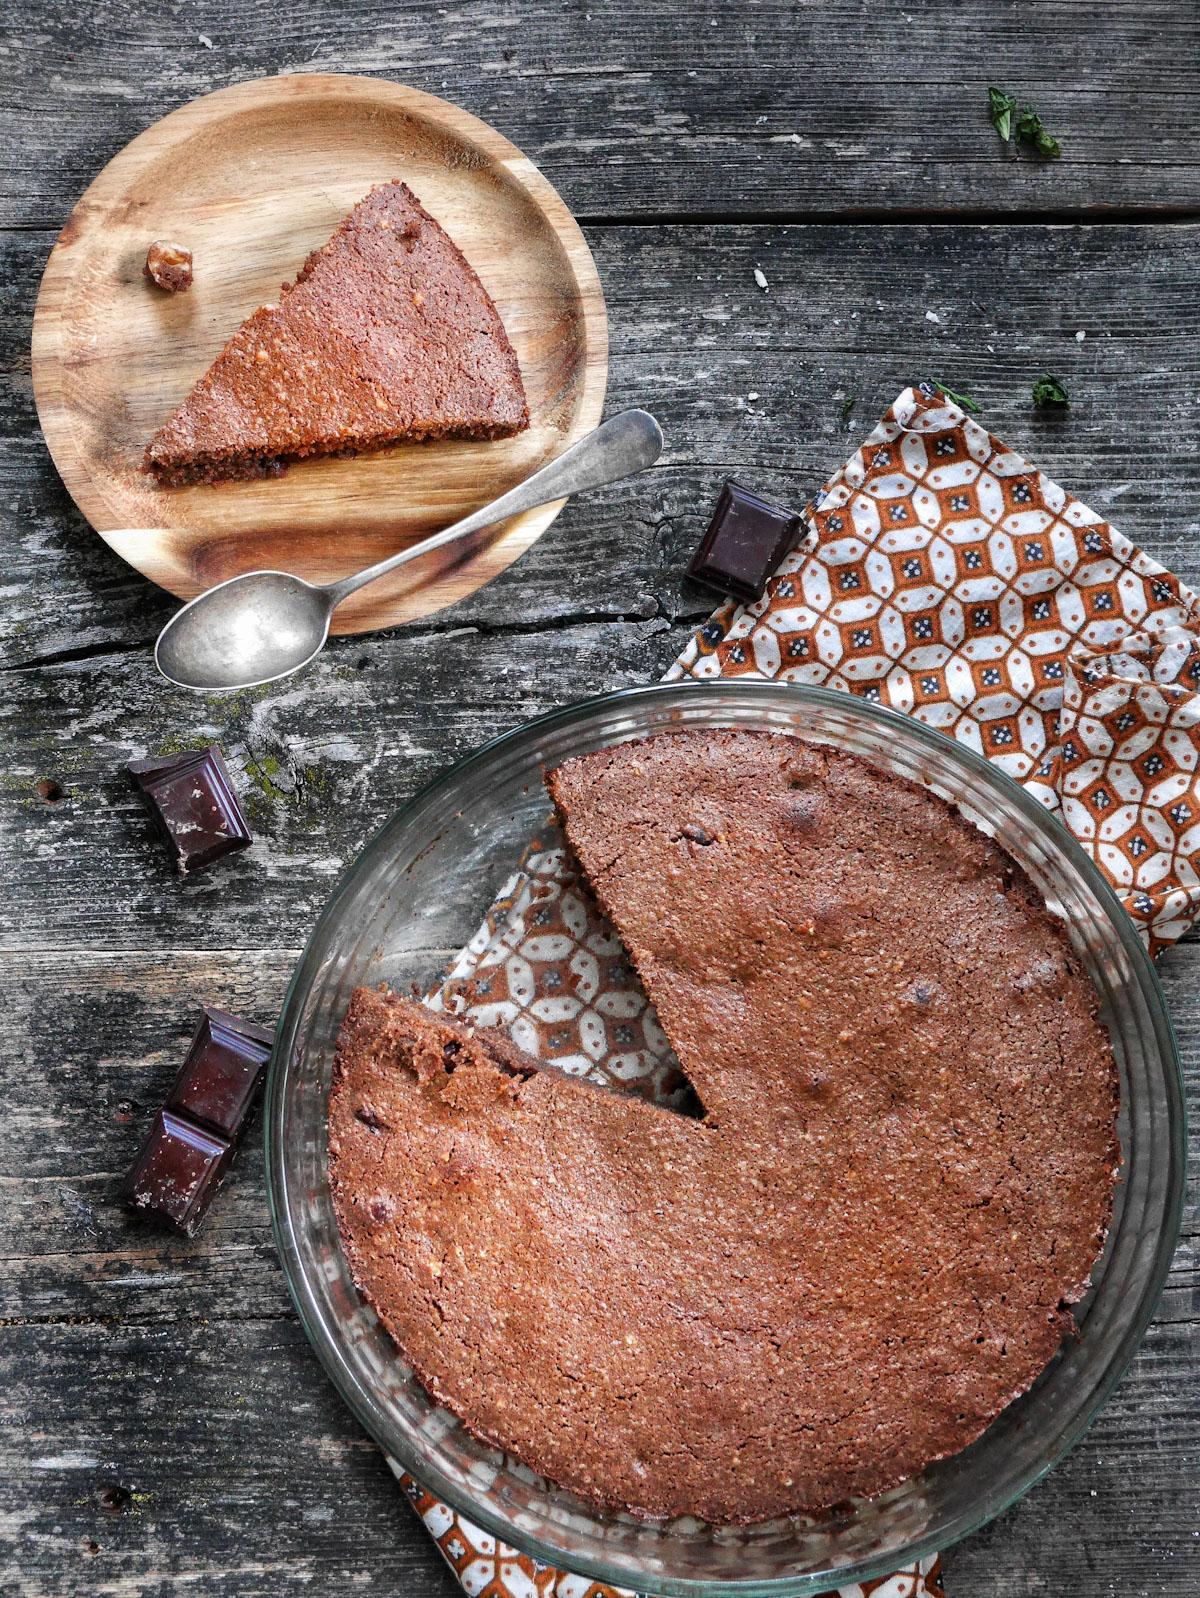 un gâteau au chocolat tranché et fondant